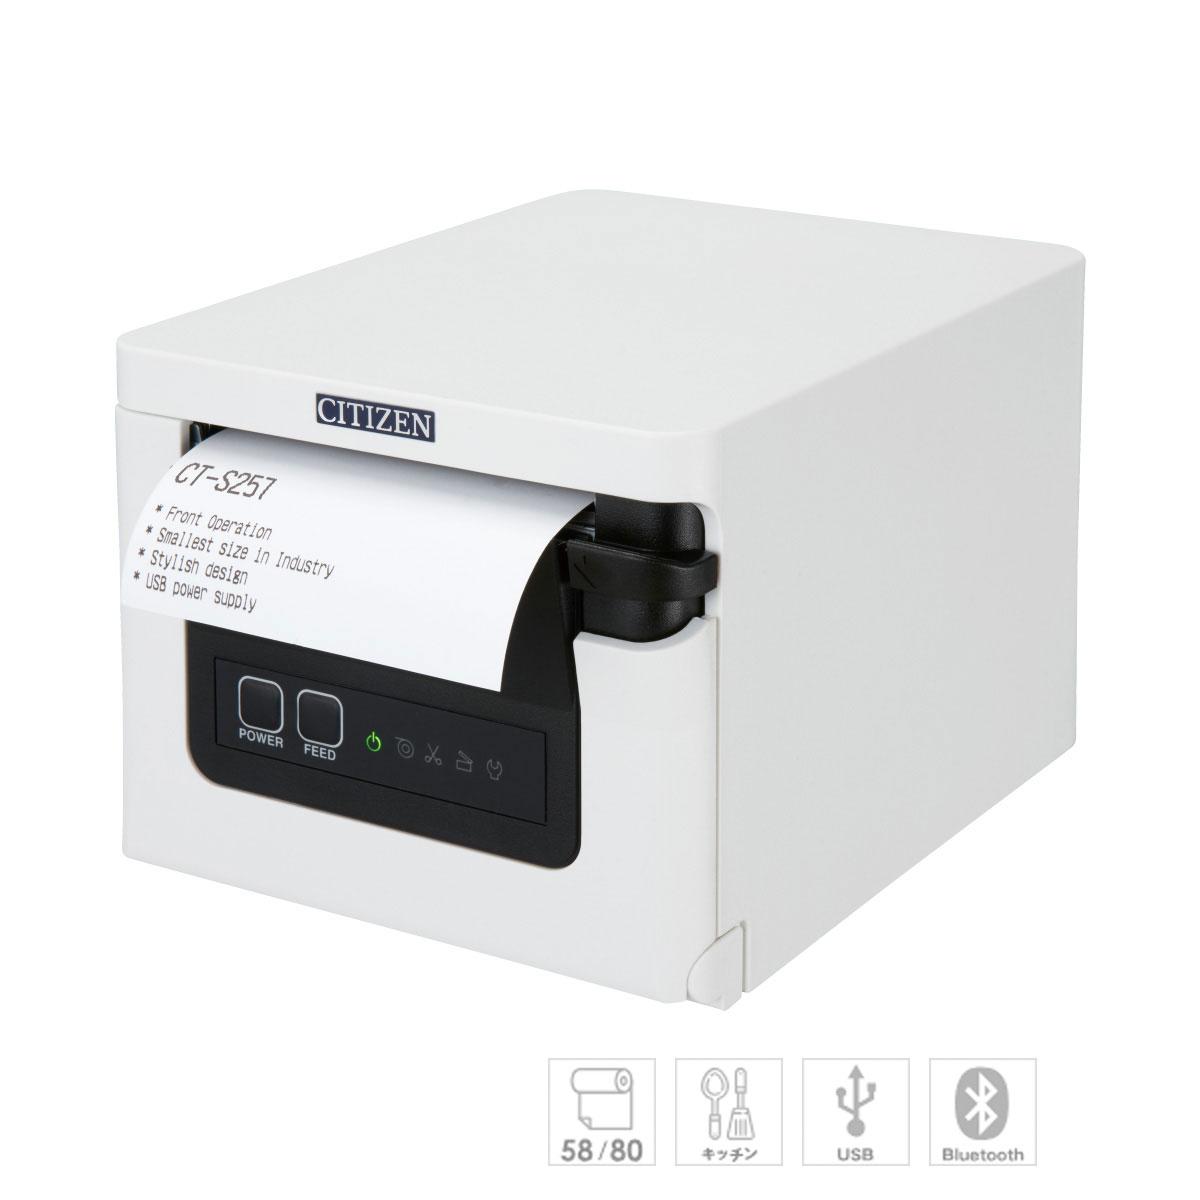 シチズンCT-S257BTJ-WH サーマルプリンタ(Bluetooth+USBクールホワイト)80・58mm幅対応 電源同梱【代引手数料無料】♪